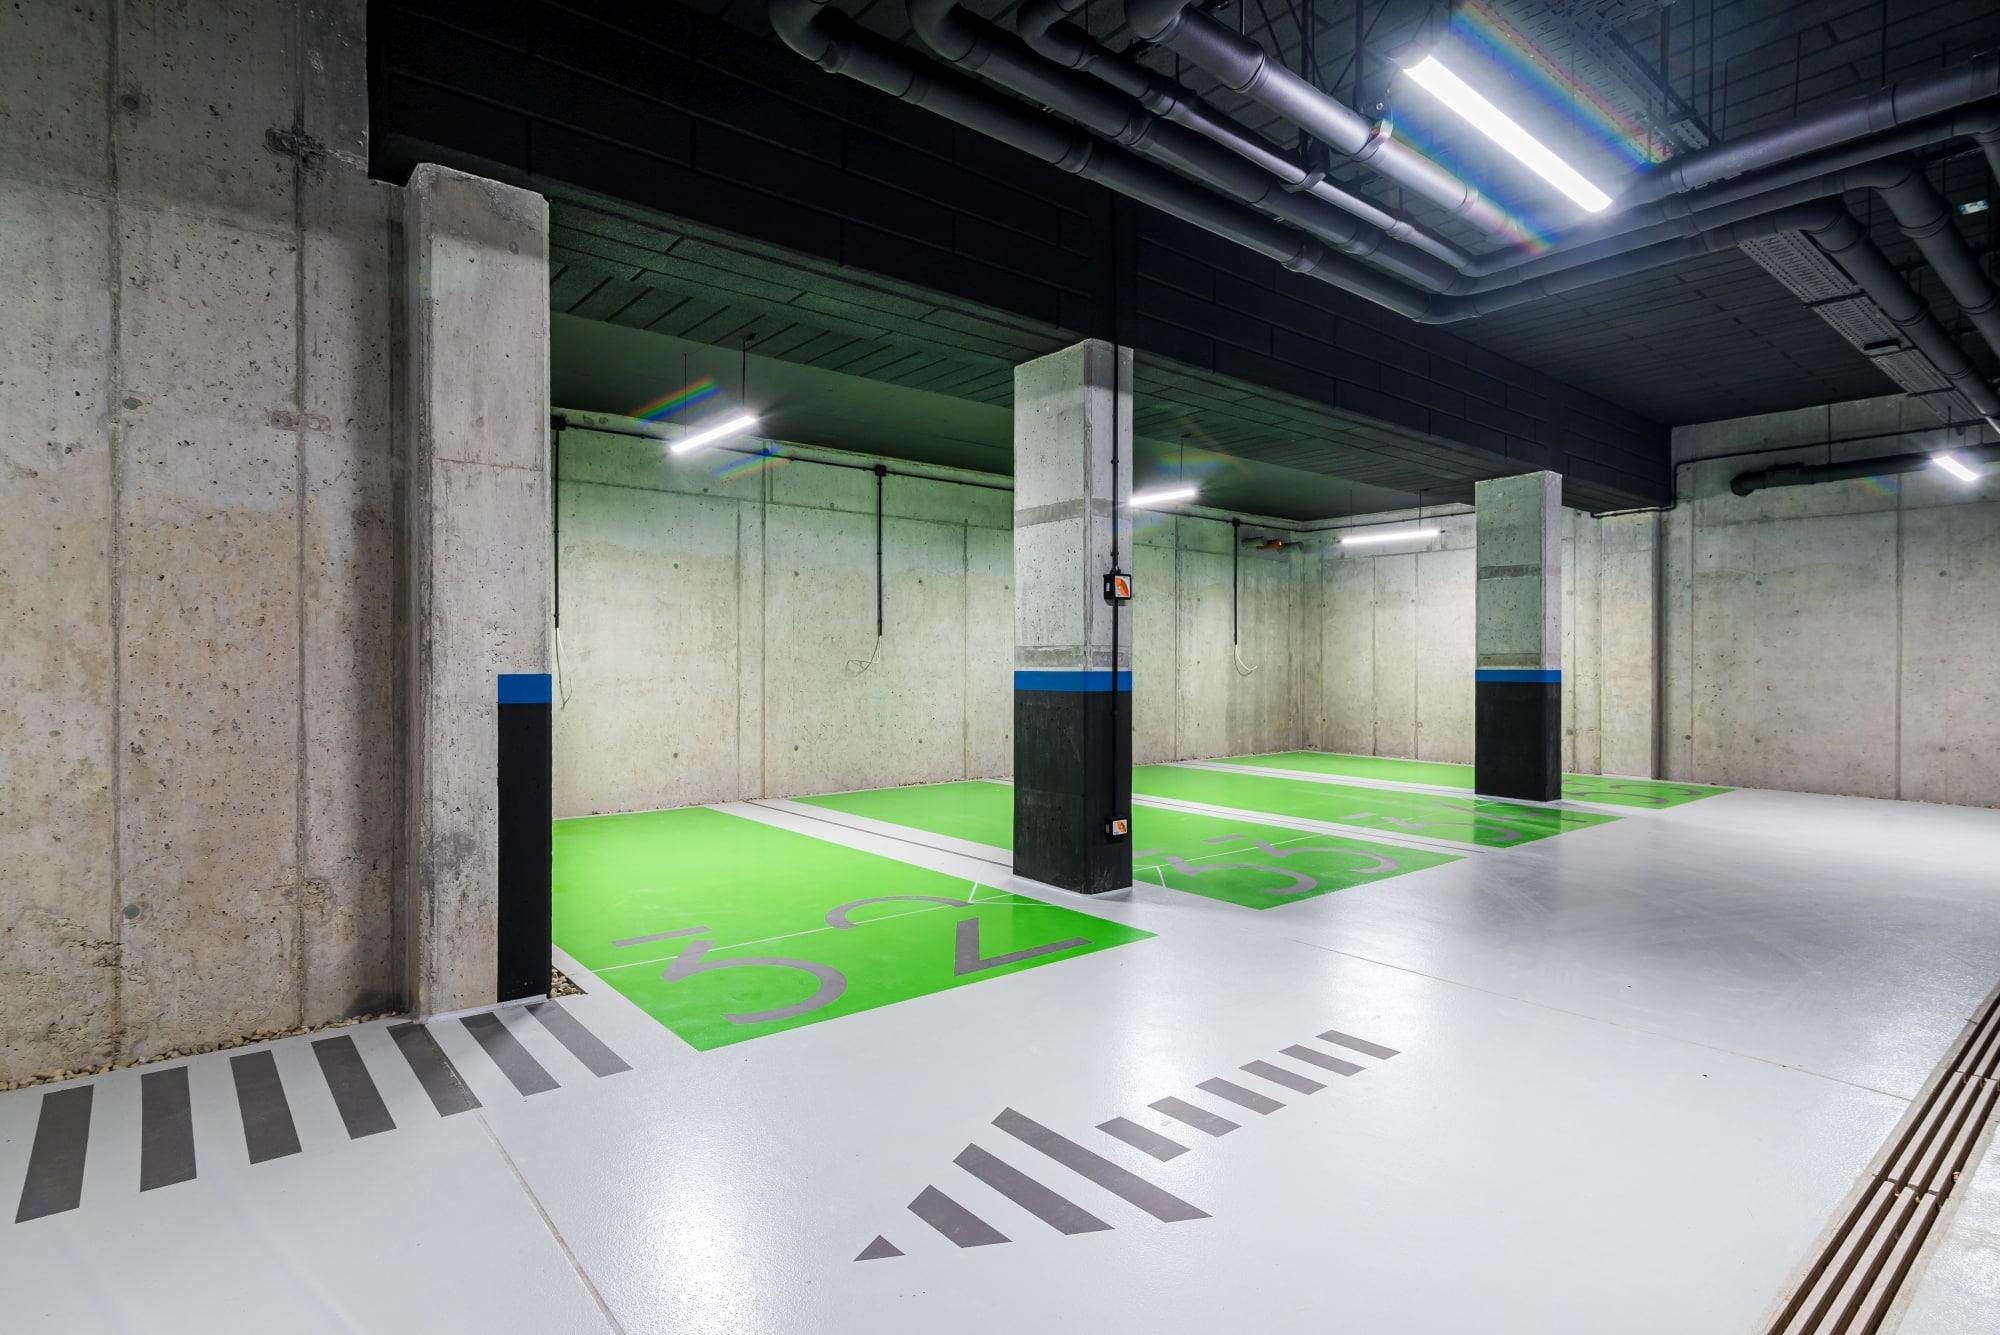 Projekt hala parkingowa Borowego Kraków 2